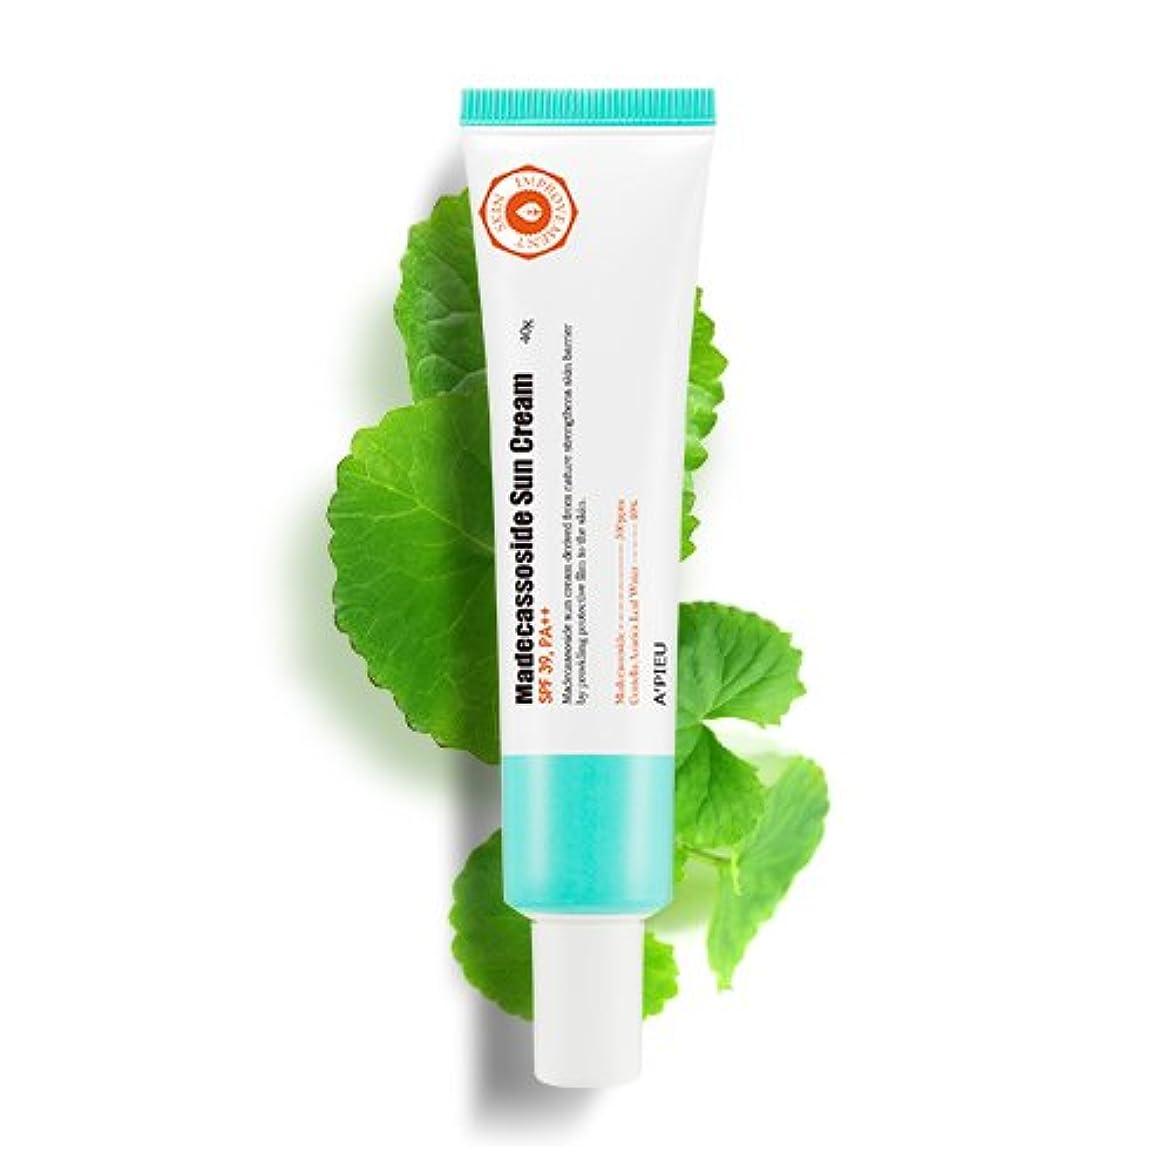 ストラトフォードオンエイボンライトニング科学APIEU Madecassoside Sun Cream アピュマデカソシドサンクリーム(SPF39, PA++) [並行輸入品]